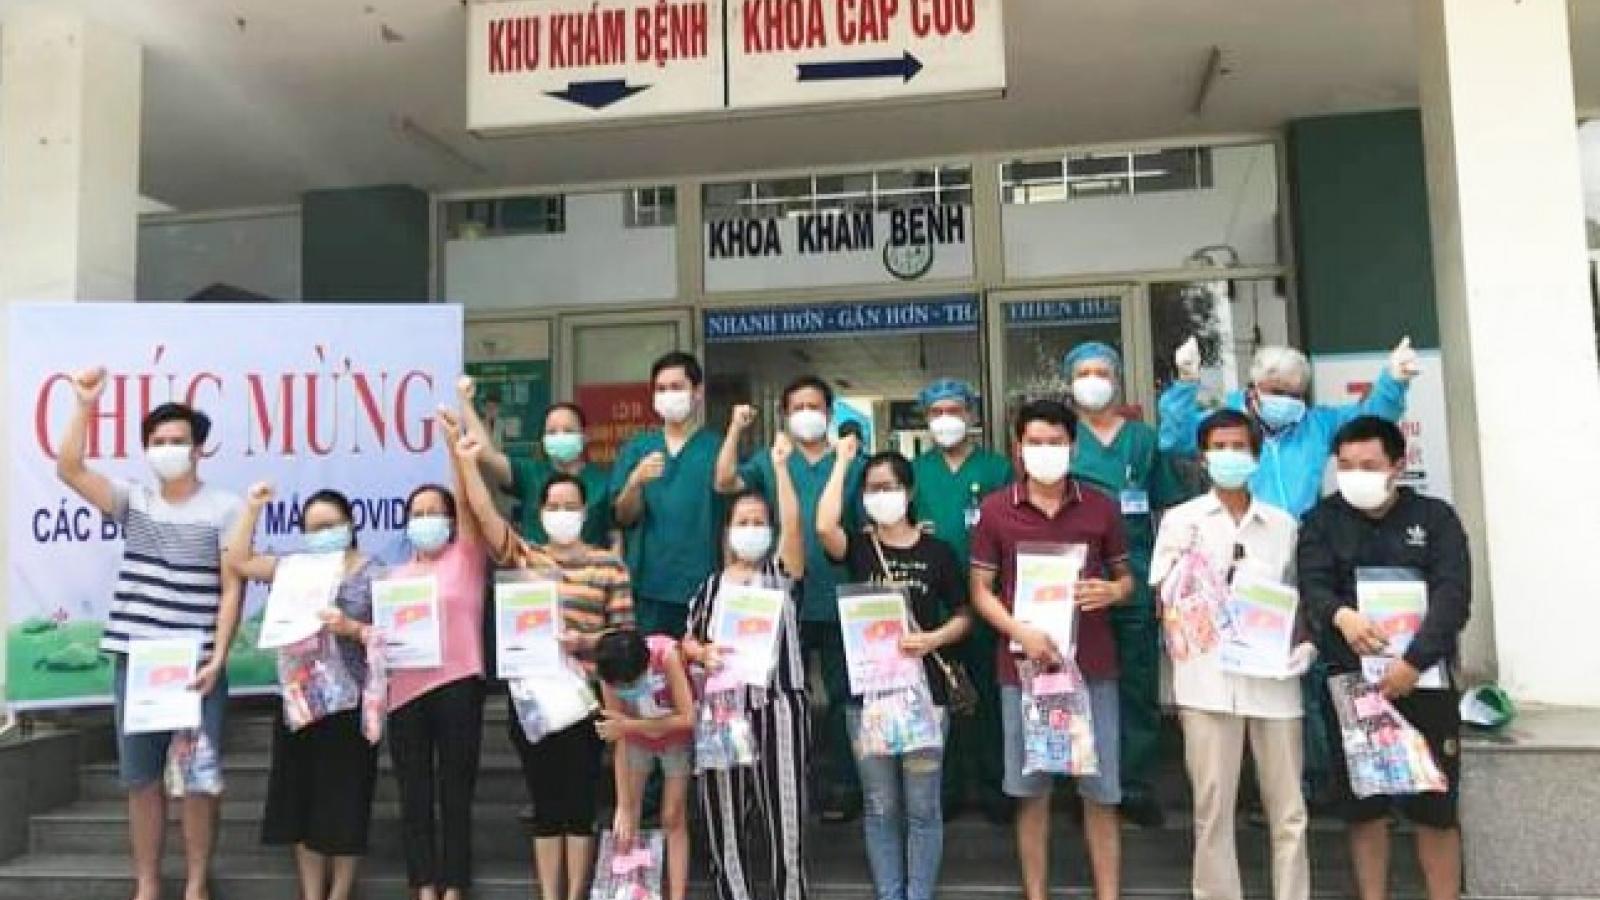 Một số bác sĩ Bệnh viện Chợ Rẫy và Bạch Mai sẽ rút khỏi Đà Nẵng